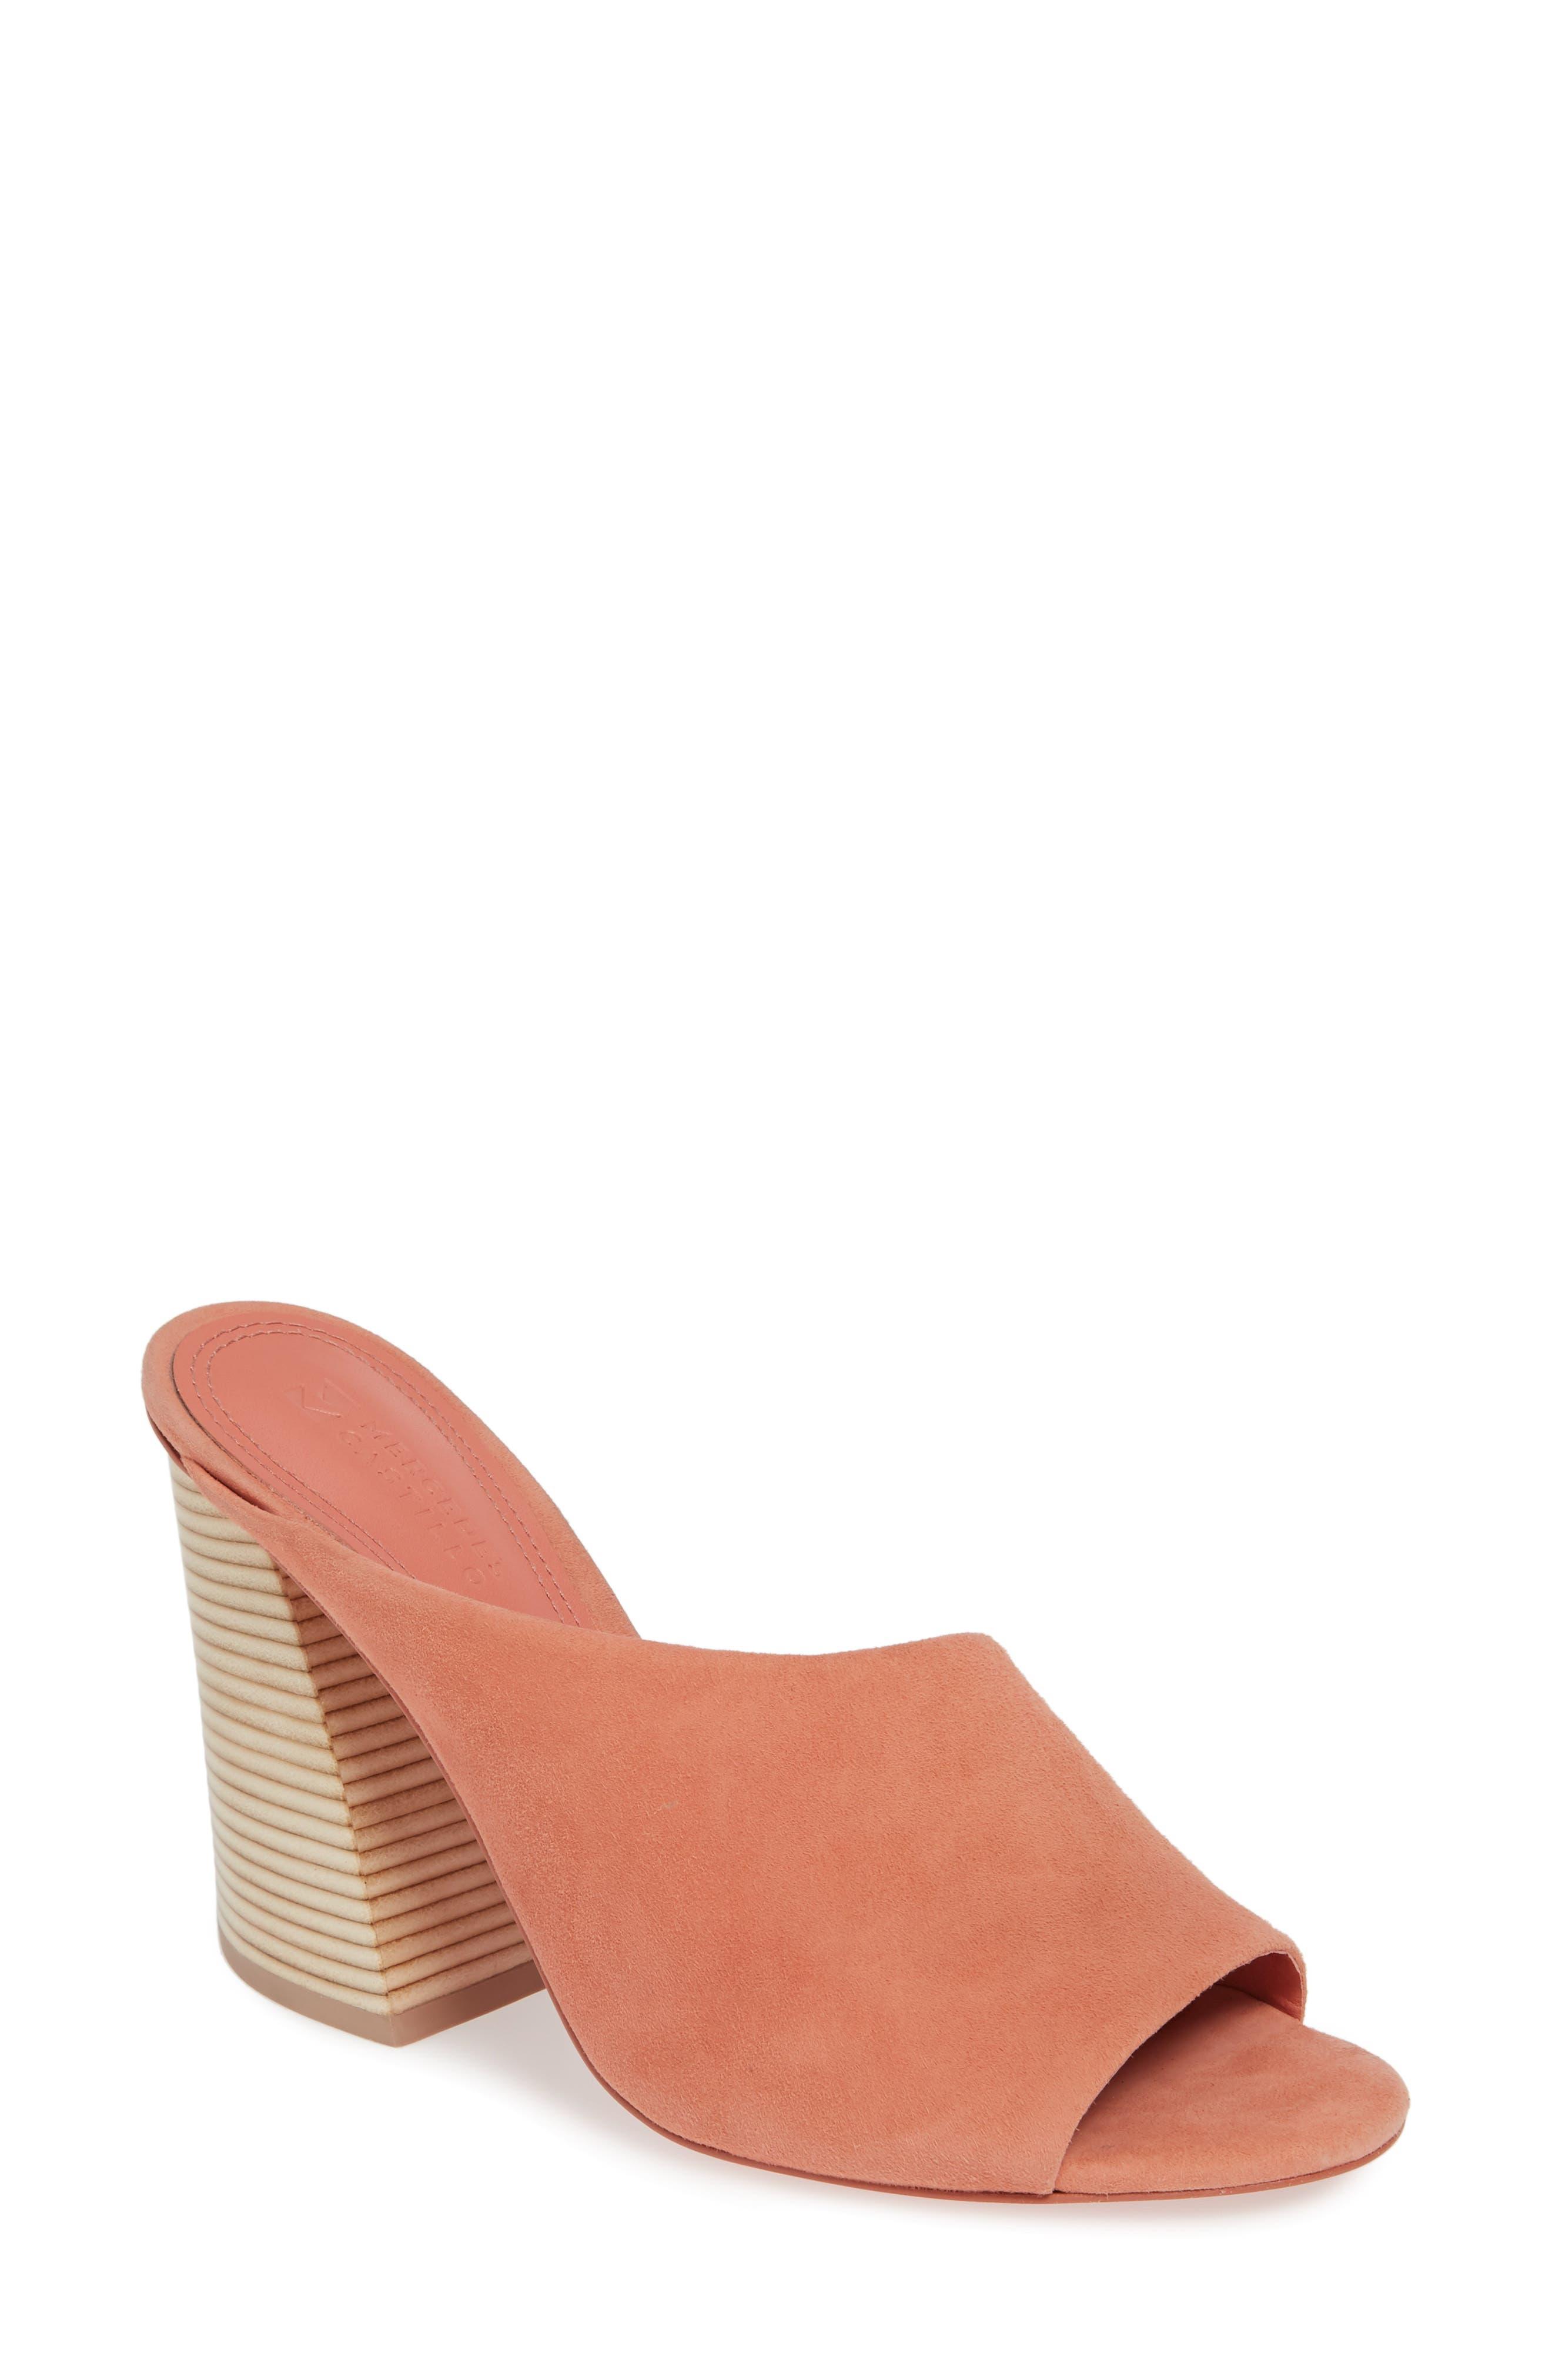 66e5df153ef Women s Mule Heels